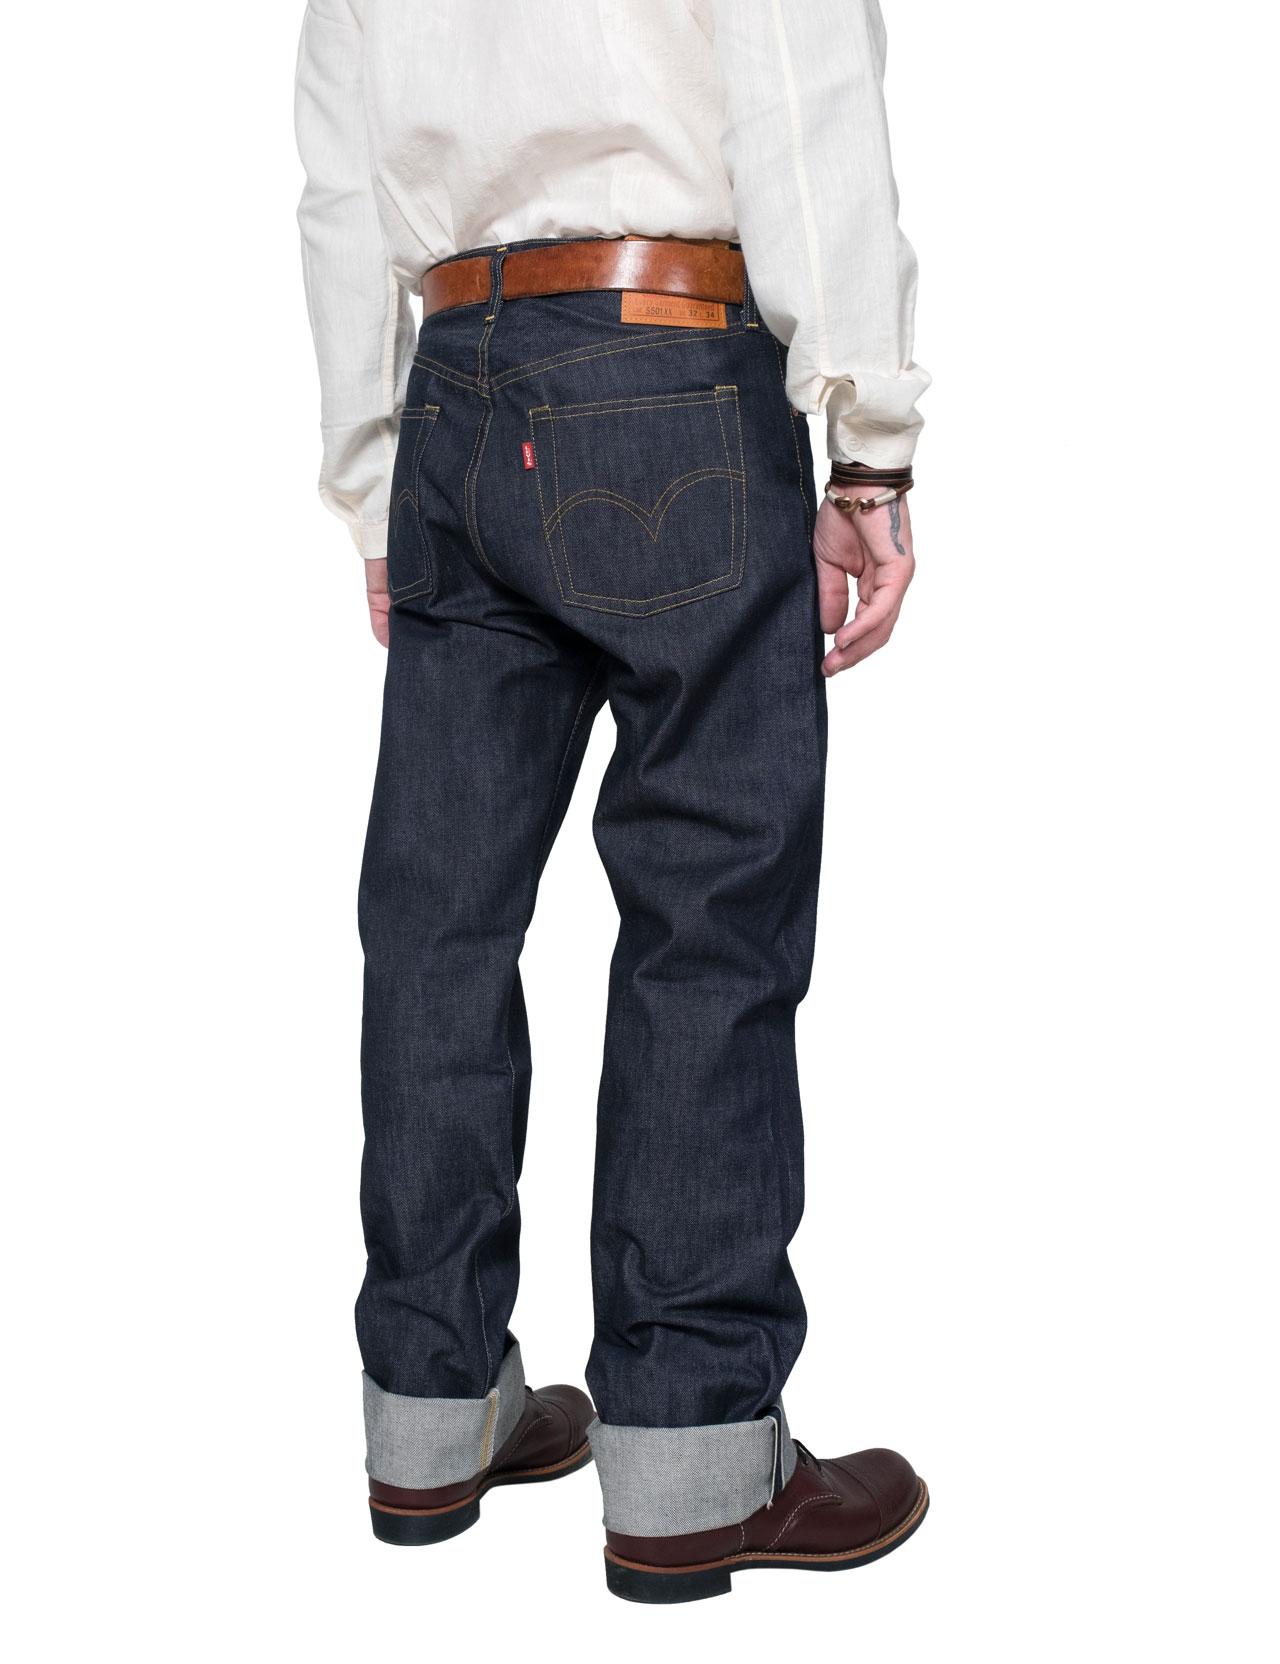 aac51d47cbc Levi´s Vintage Clothing - 1944 501® Jeans Rigid - 12oz